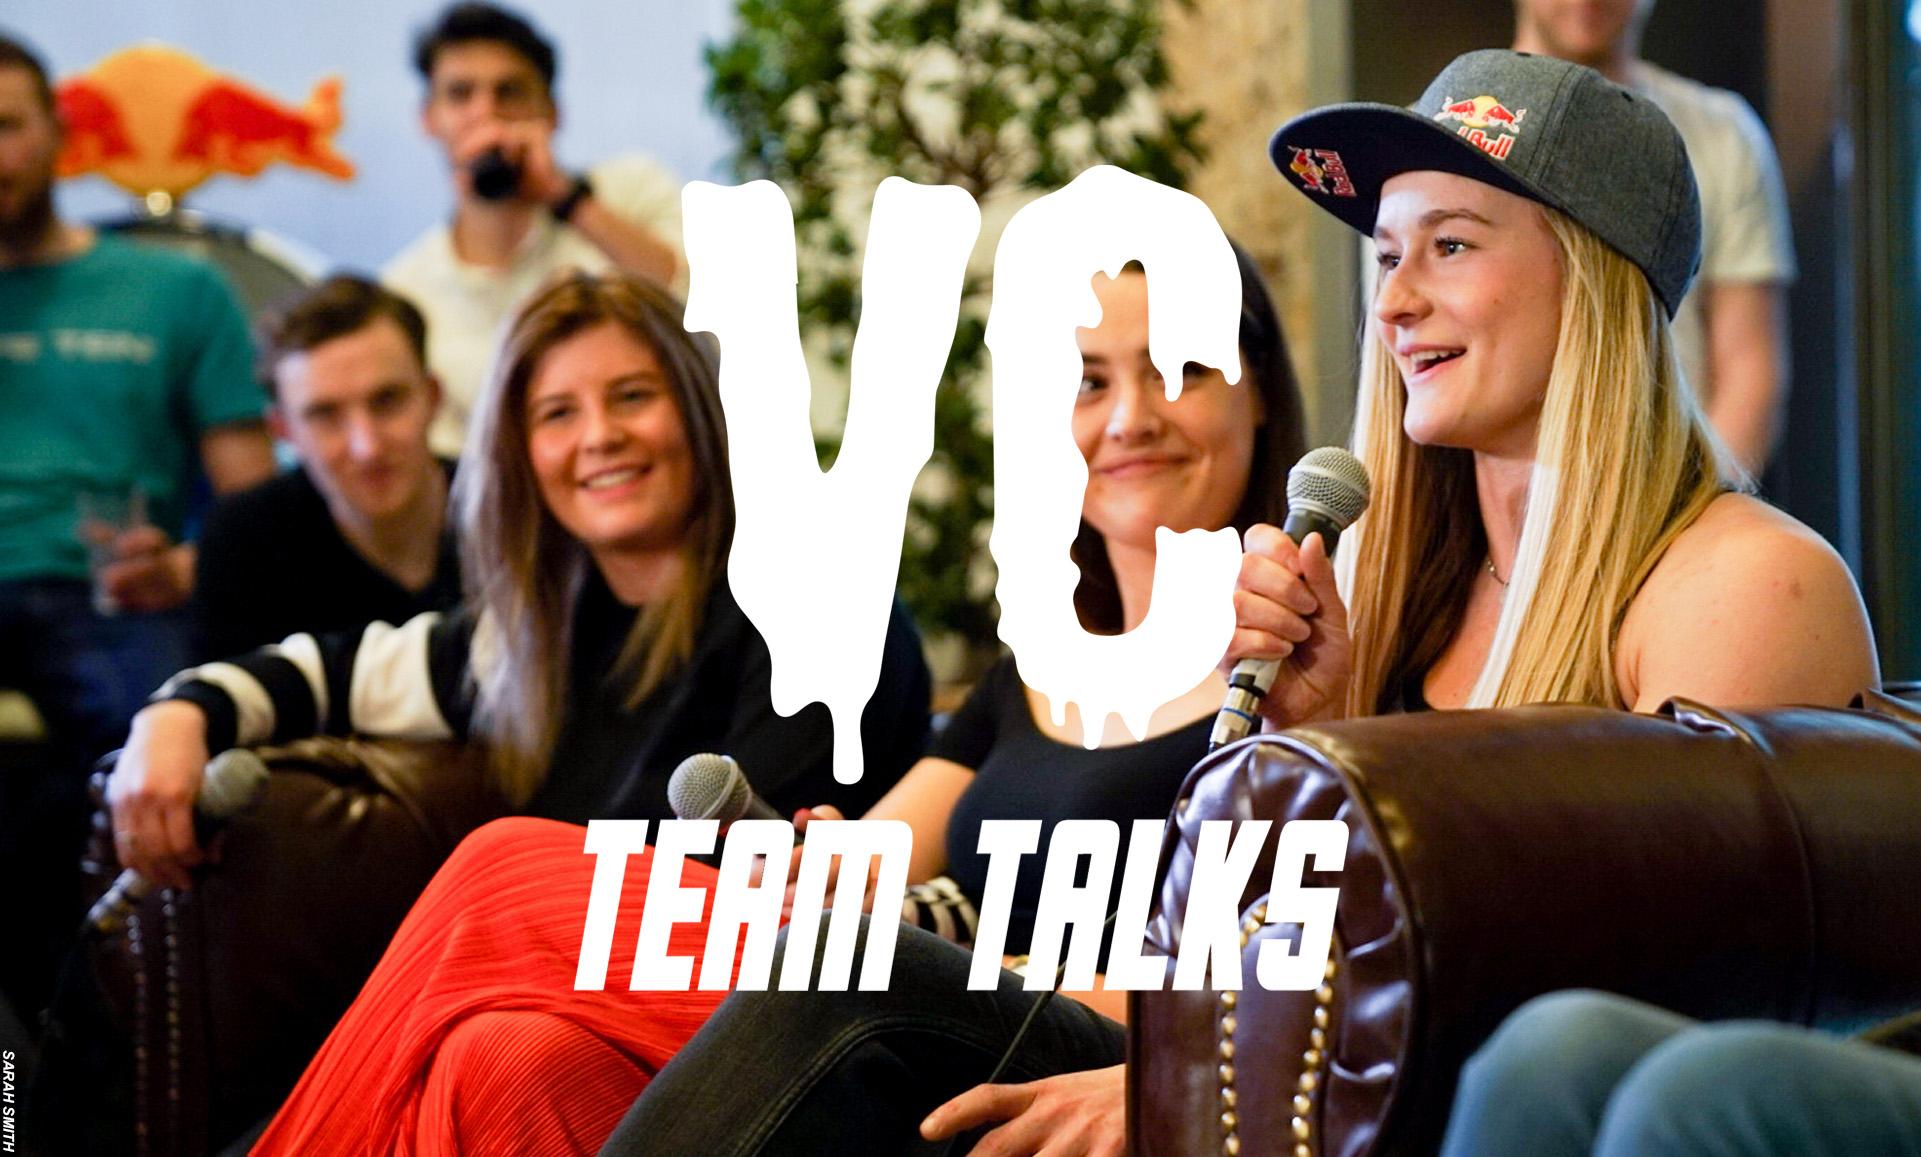 VC+TEAM+TALKS+SHAUNA+COXSEY+2.jpg